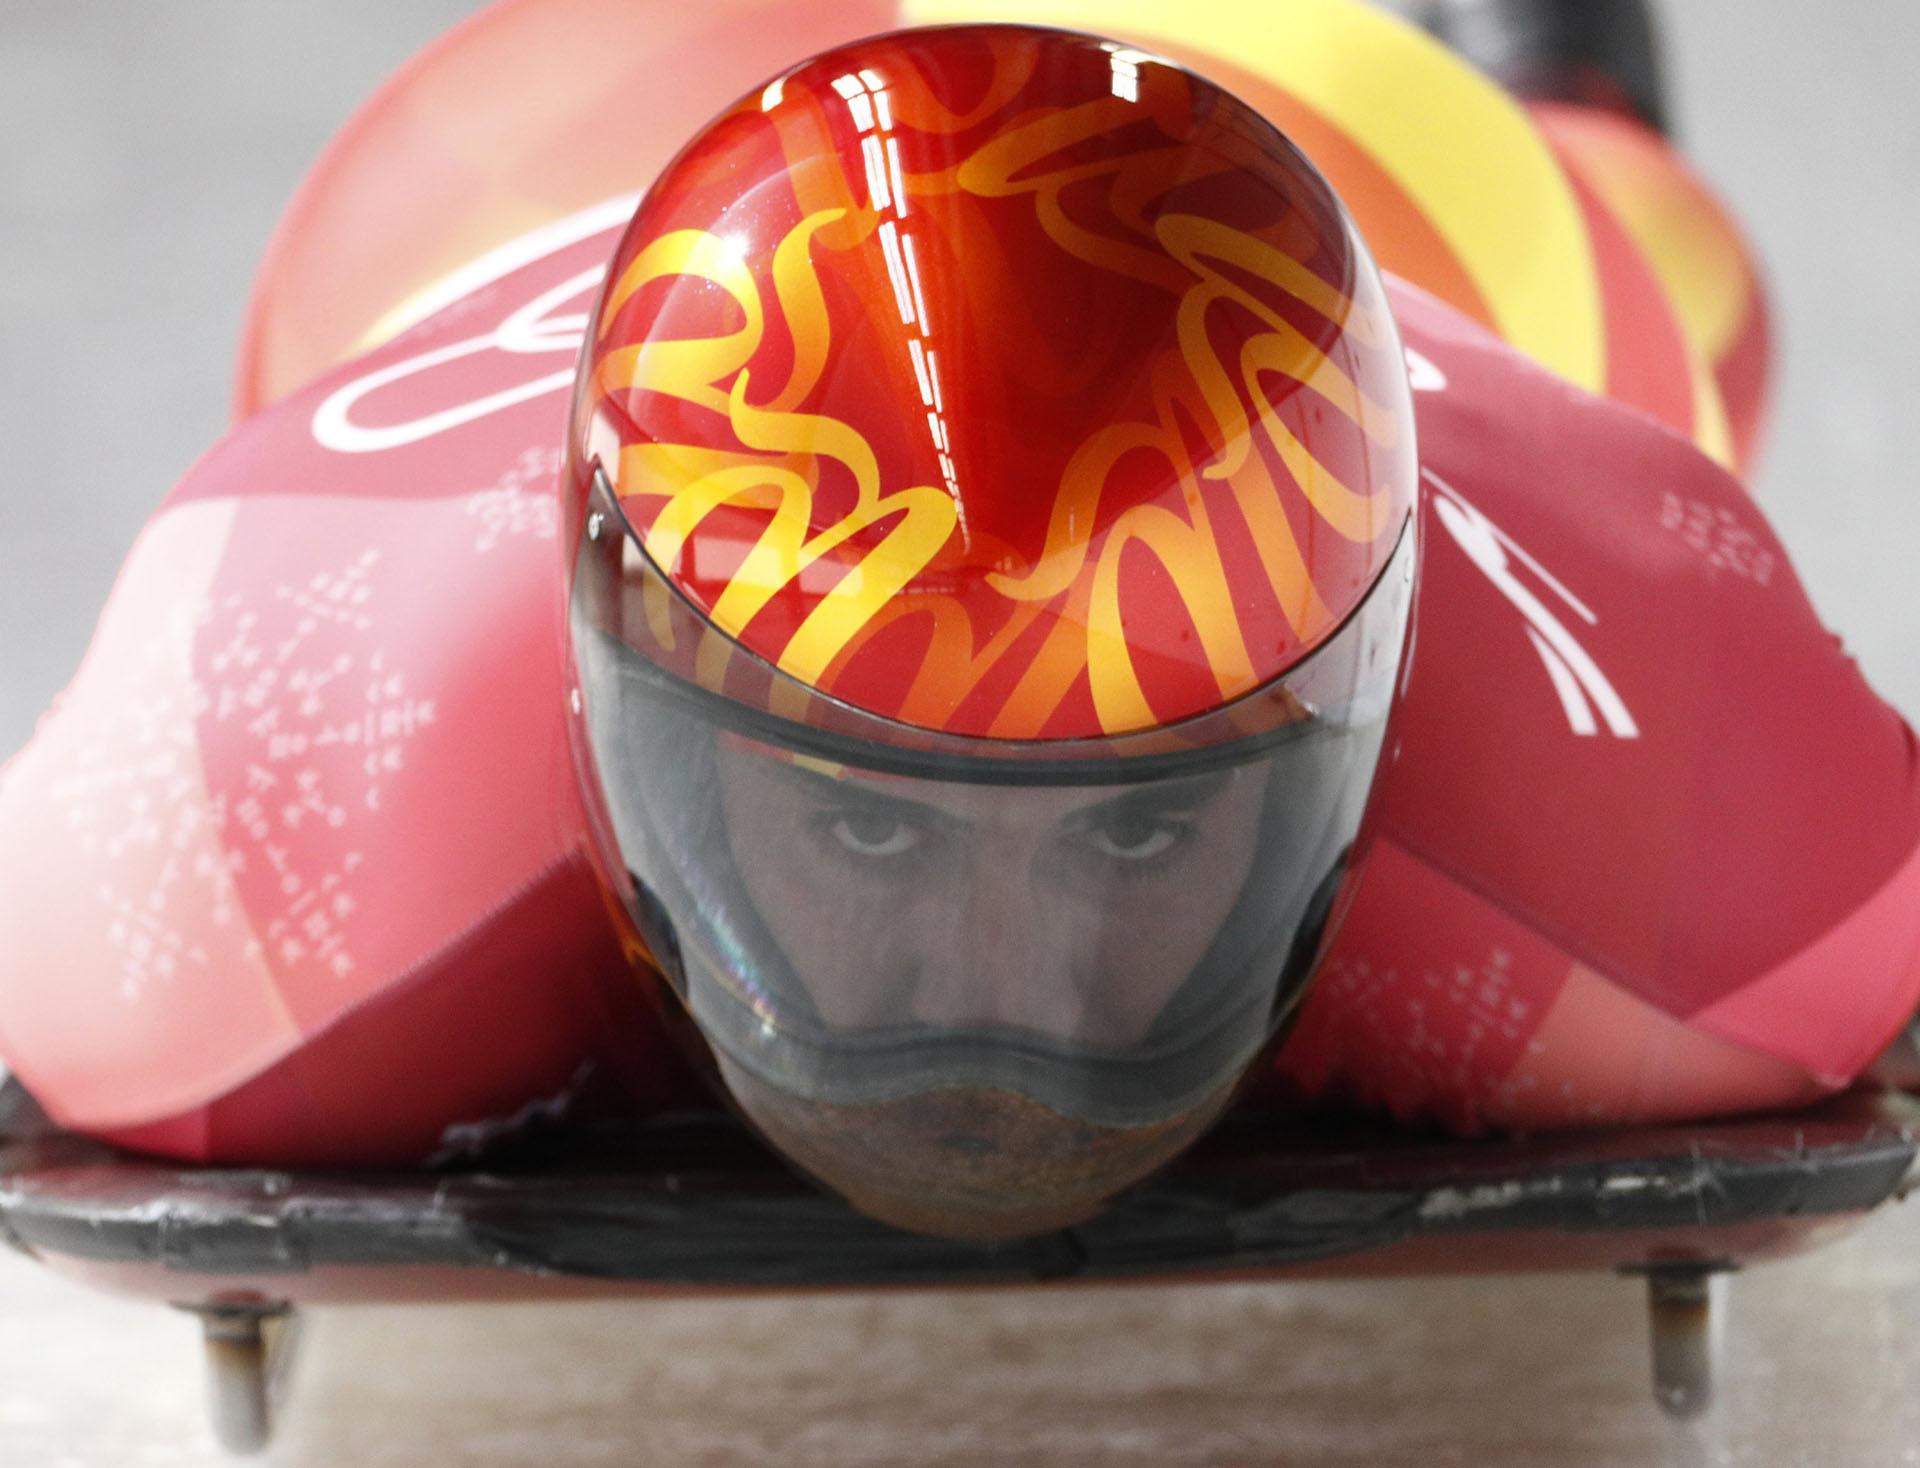 Los colores de la bandera de España en el casco de Ander Mirambelln